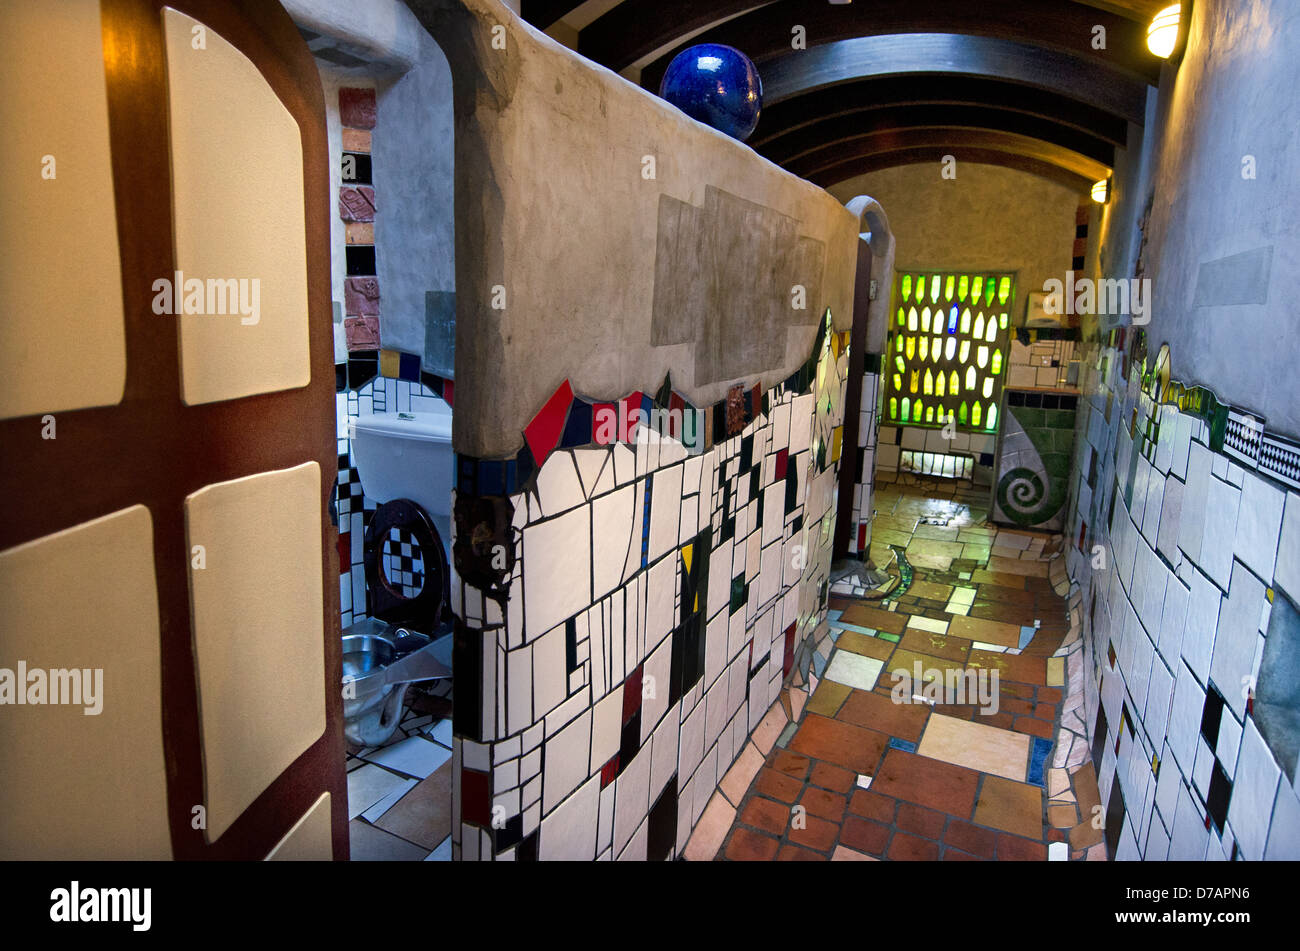 Kako IDS gradi škole - Page 3 Innenraum-toilette-in-kawakawa-neuseeland-vom-beruhmten-osterreichischen-architekten-hundertwasser-d7apn6